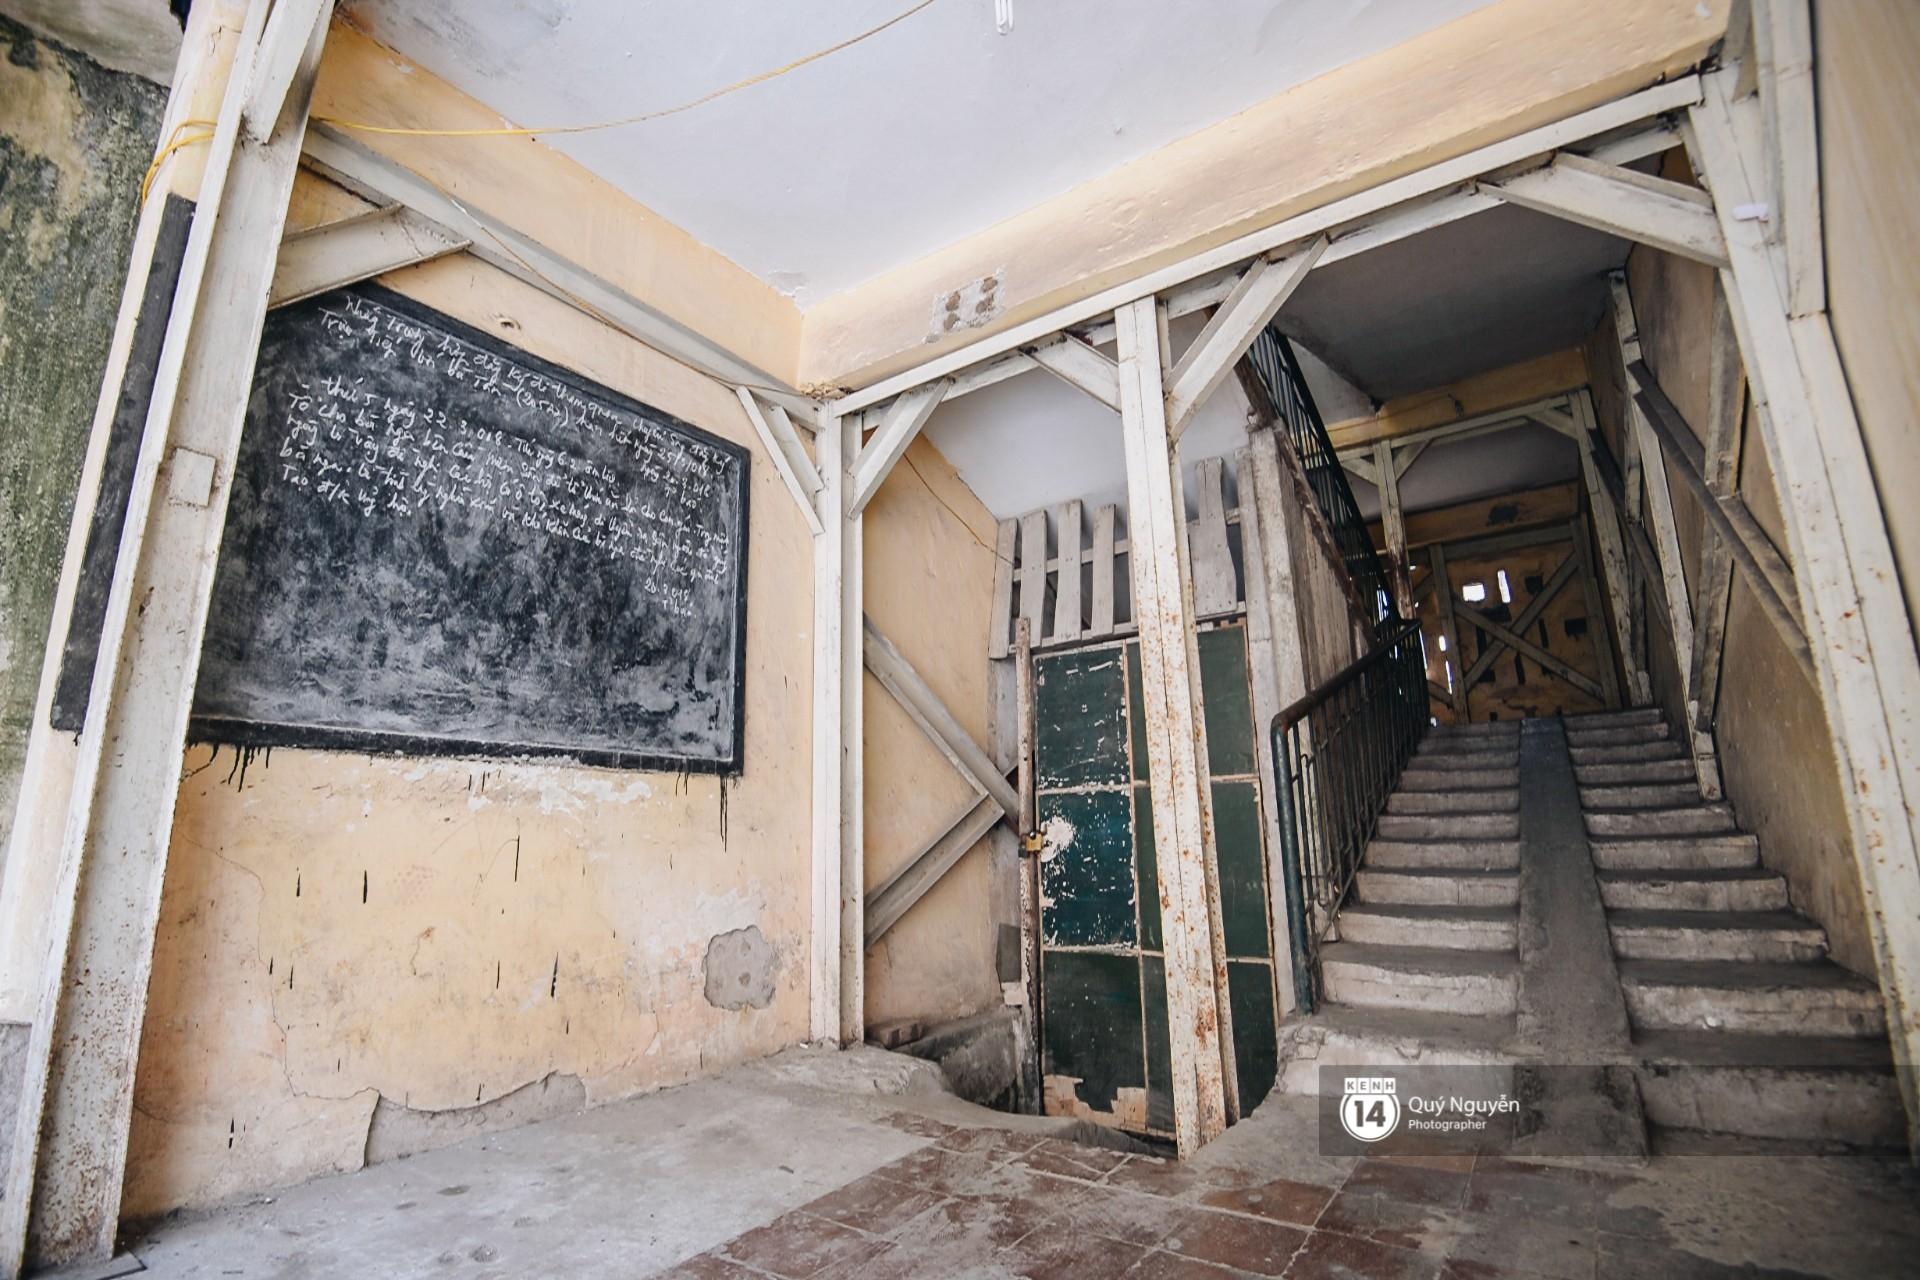 Chùm ảnh: Thấp thỏm sống trong chung cư tử thần đầy những vết nứt ở Hà Nội - Ảnh 2.